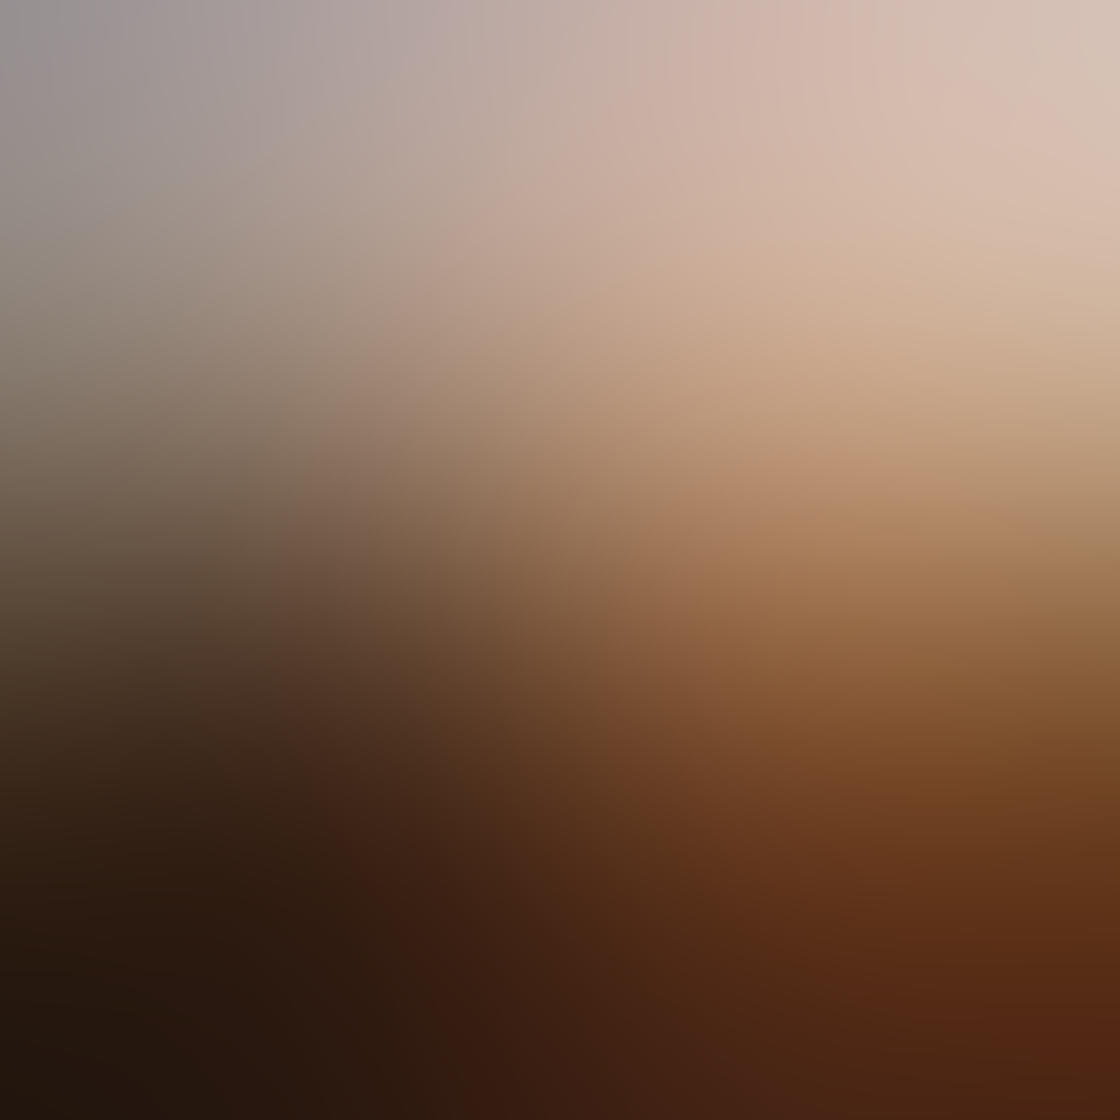 Fog & Mist iPhone Photos 11